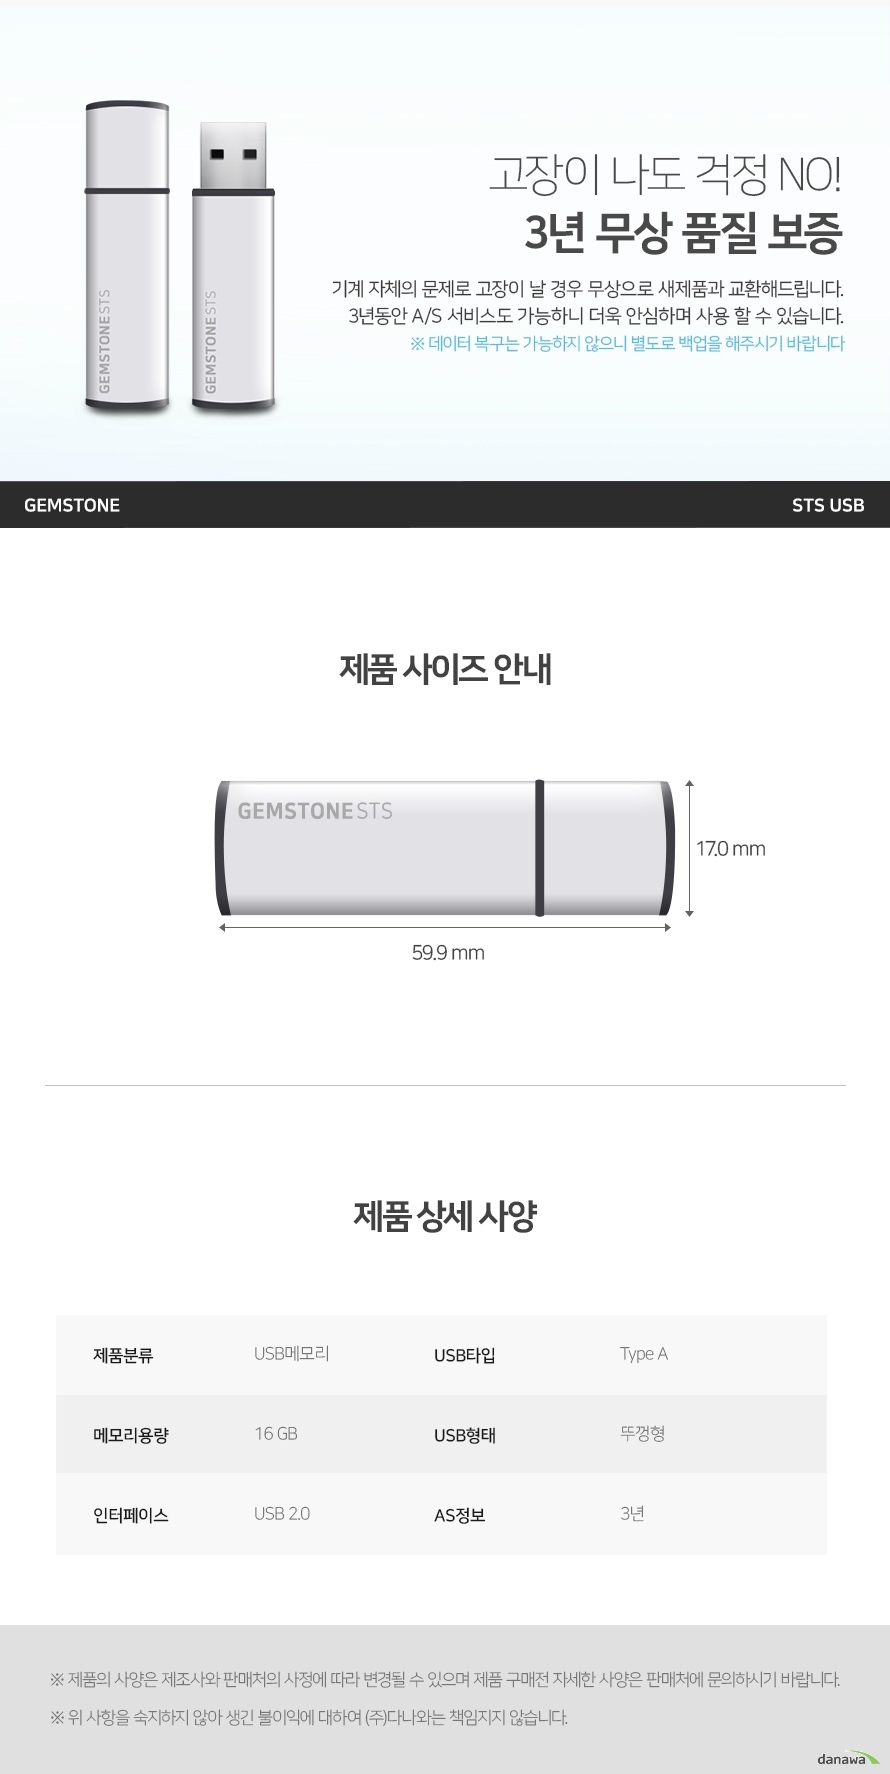 젬스톤  STS USB 2.0(16GB)